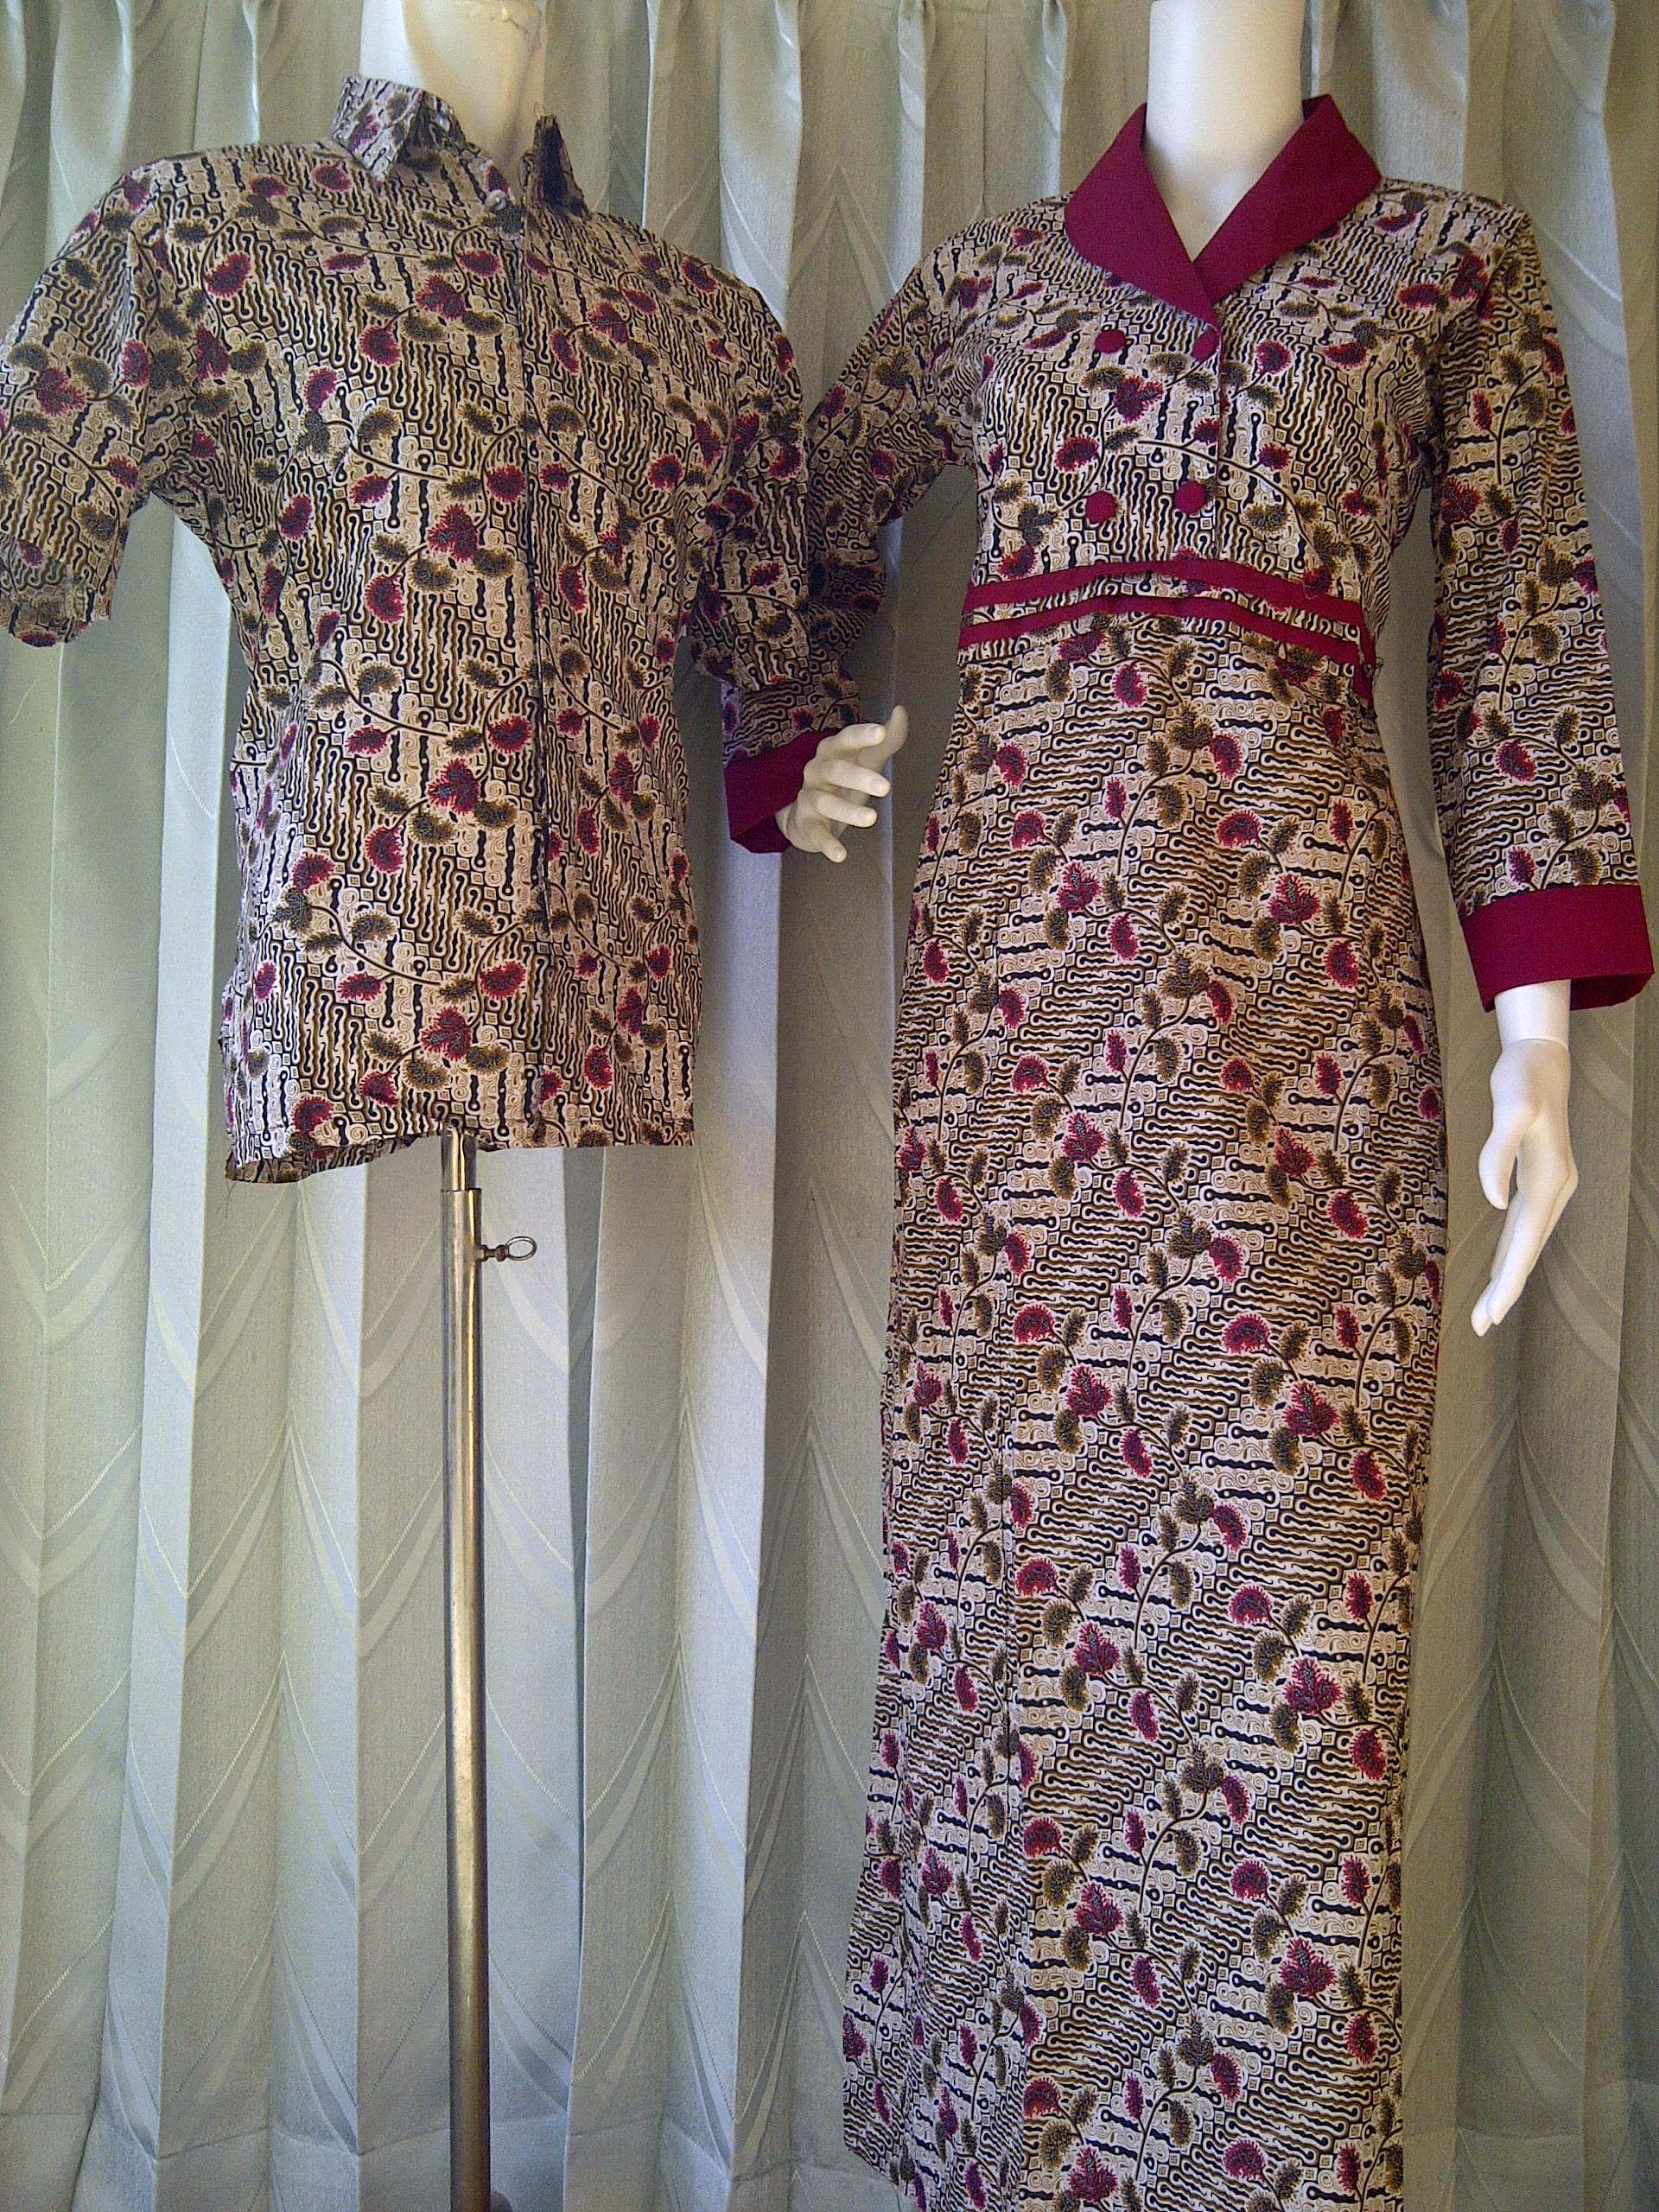 Baju batik sarimbit sarimbit batik gamis kode sarimbit Baju gamis batik anak2